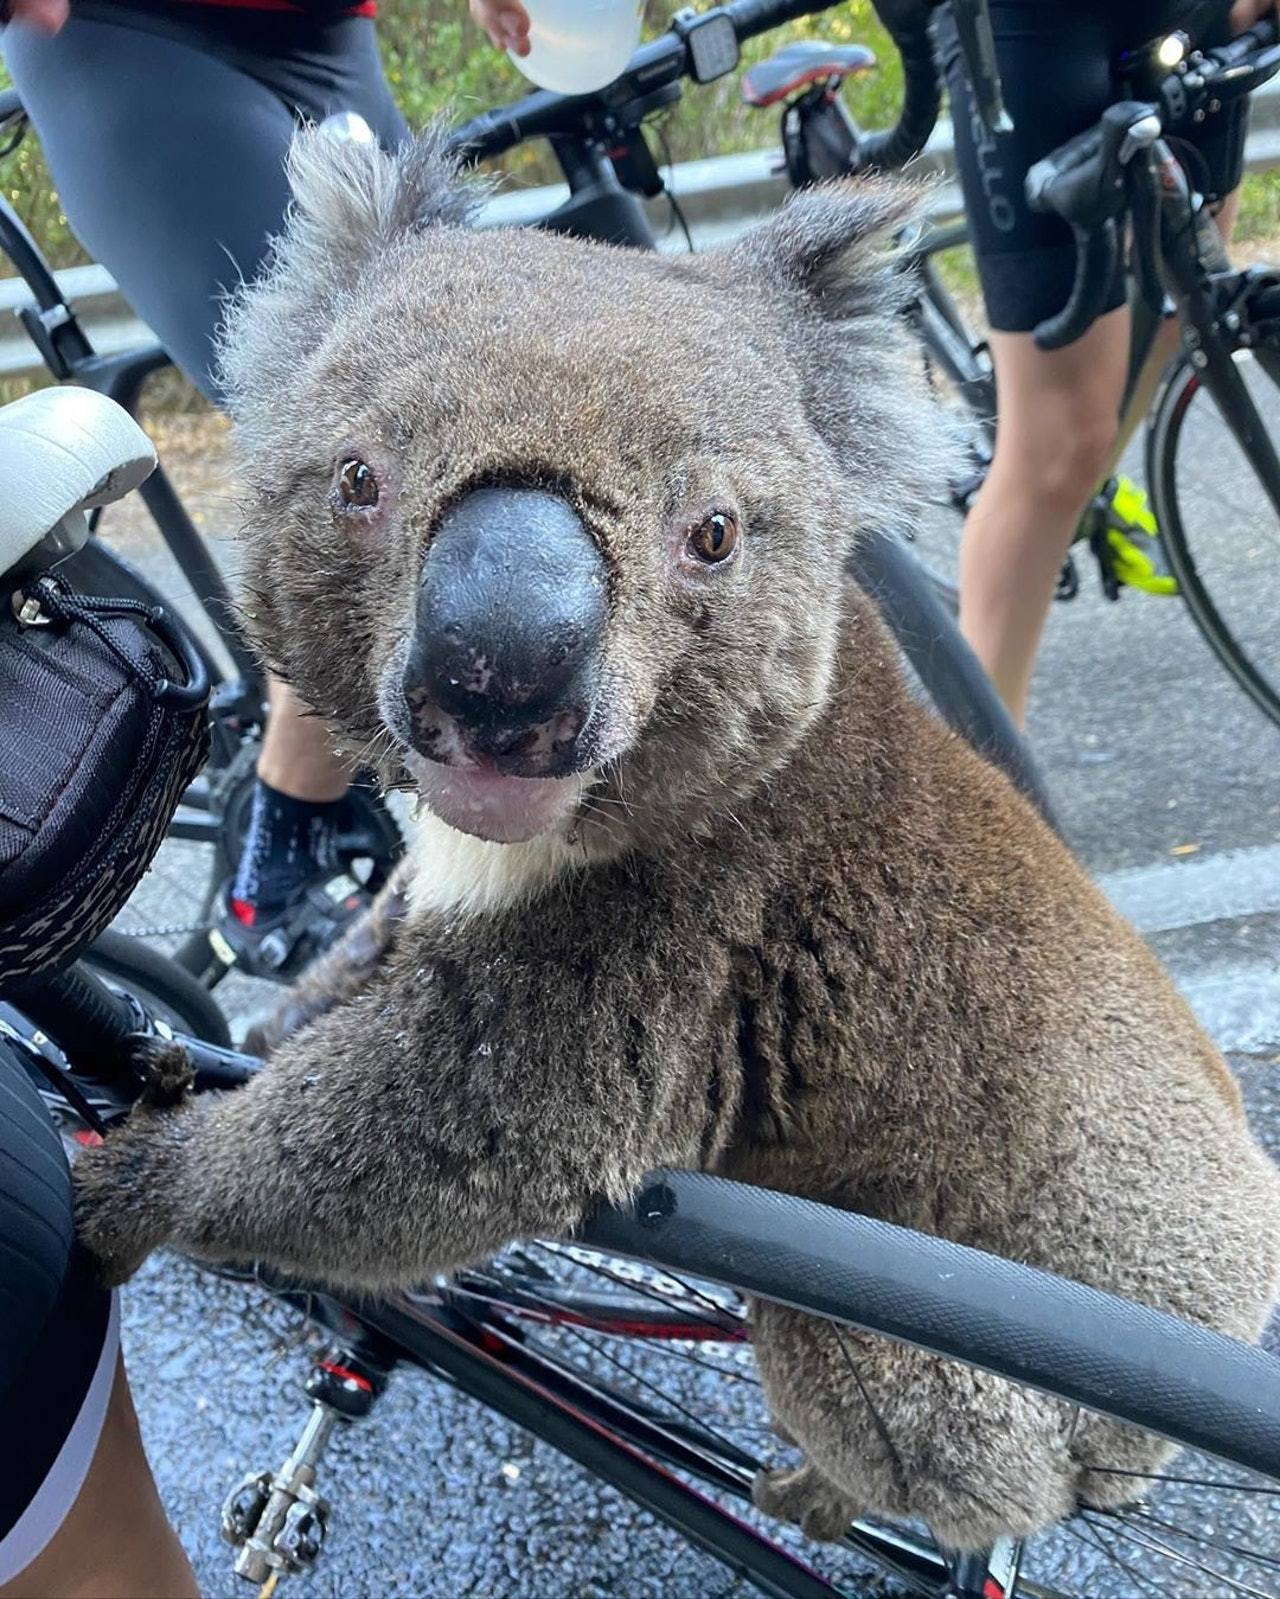 安娜之後將影片上載到IG,引起不少網民關注樹熊的情況。 bikebug2019 ...